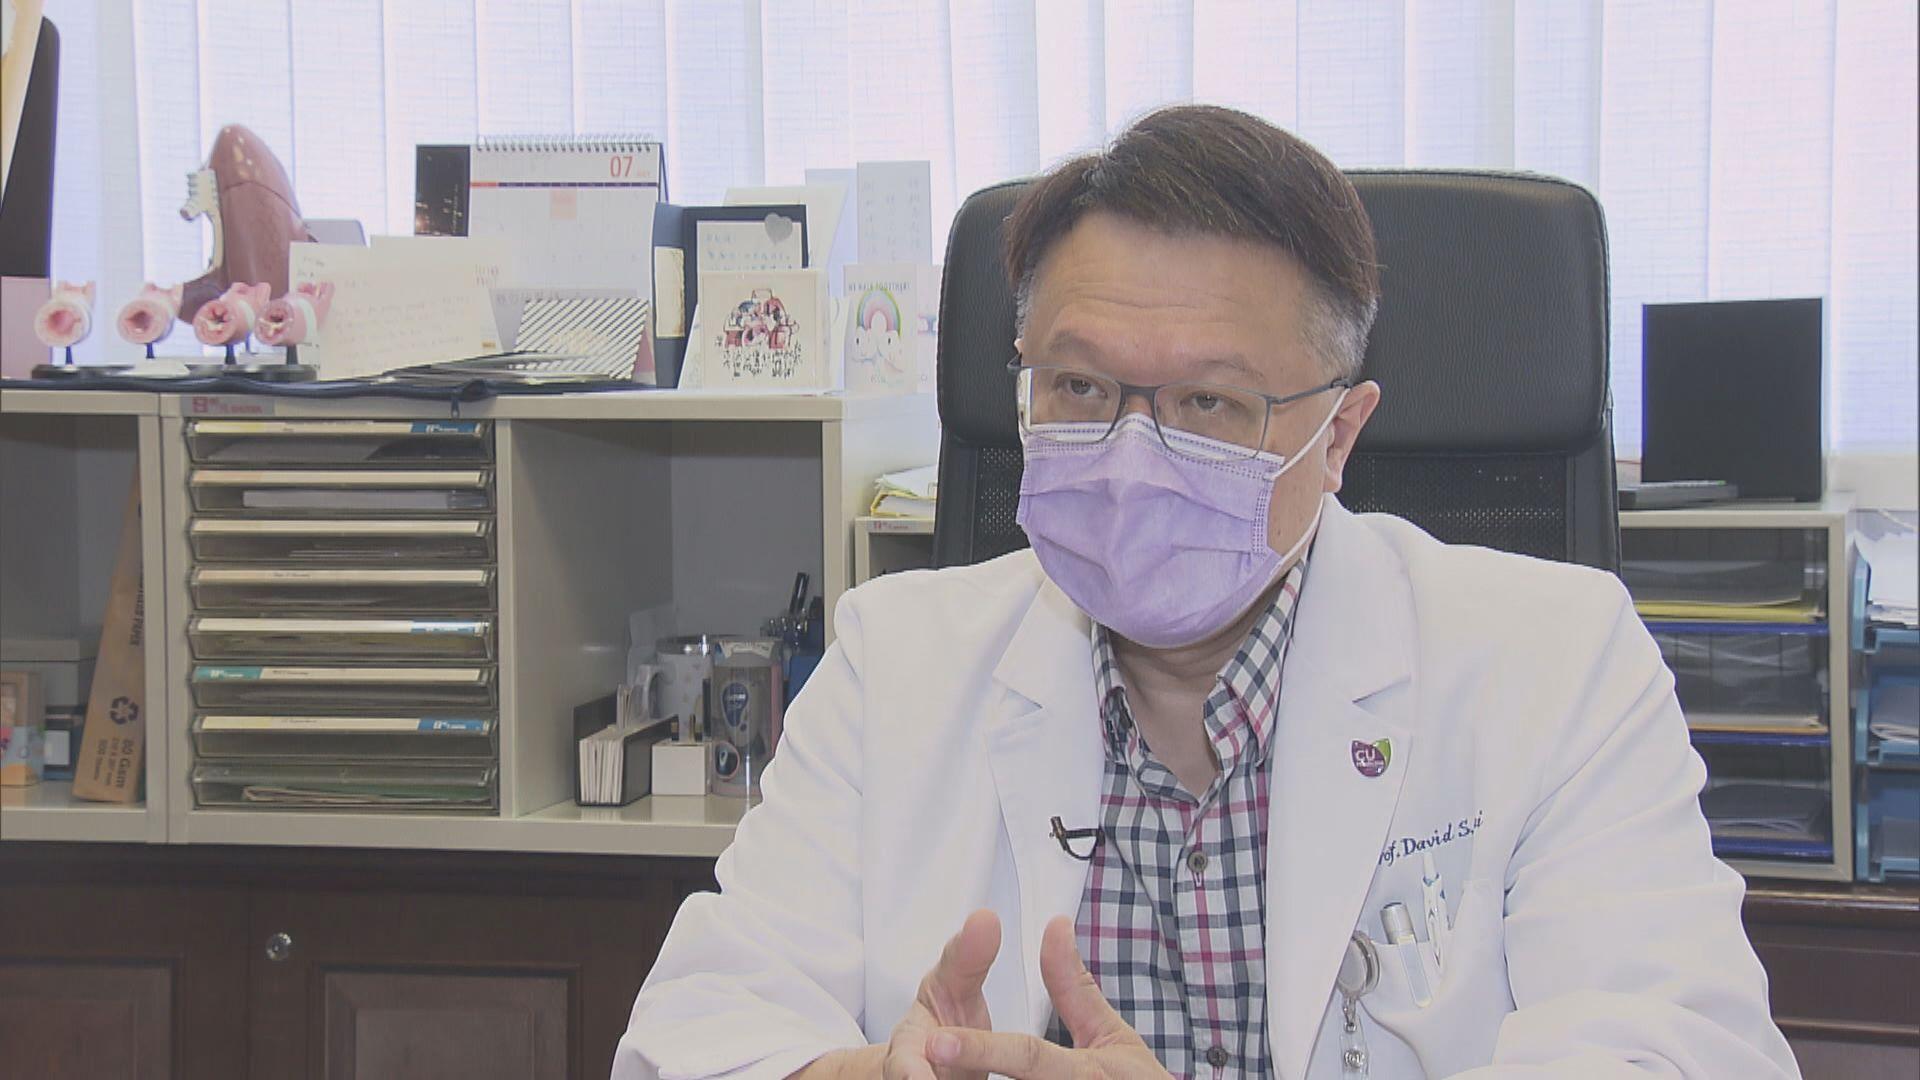 許樹昌:現階段不宜放寬限制 延長堂食時段應嚴格執行